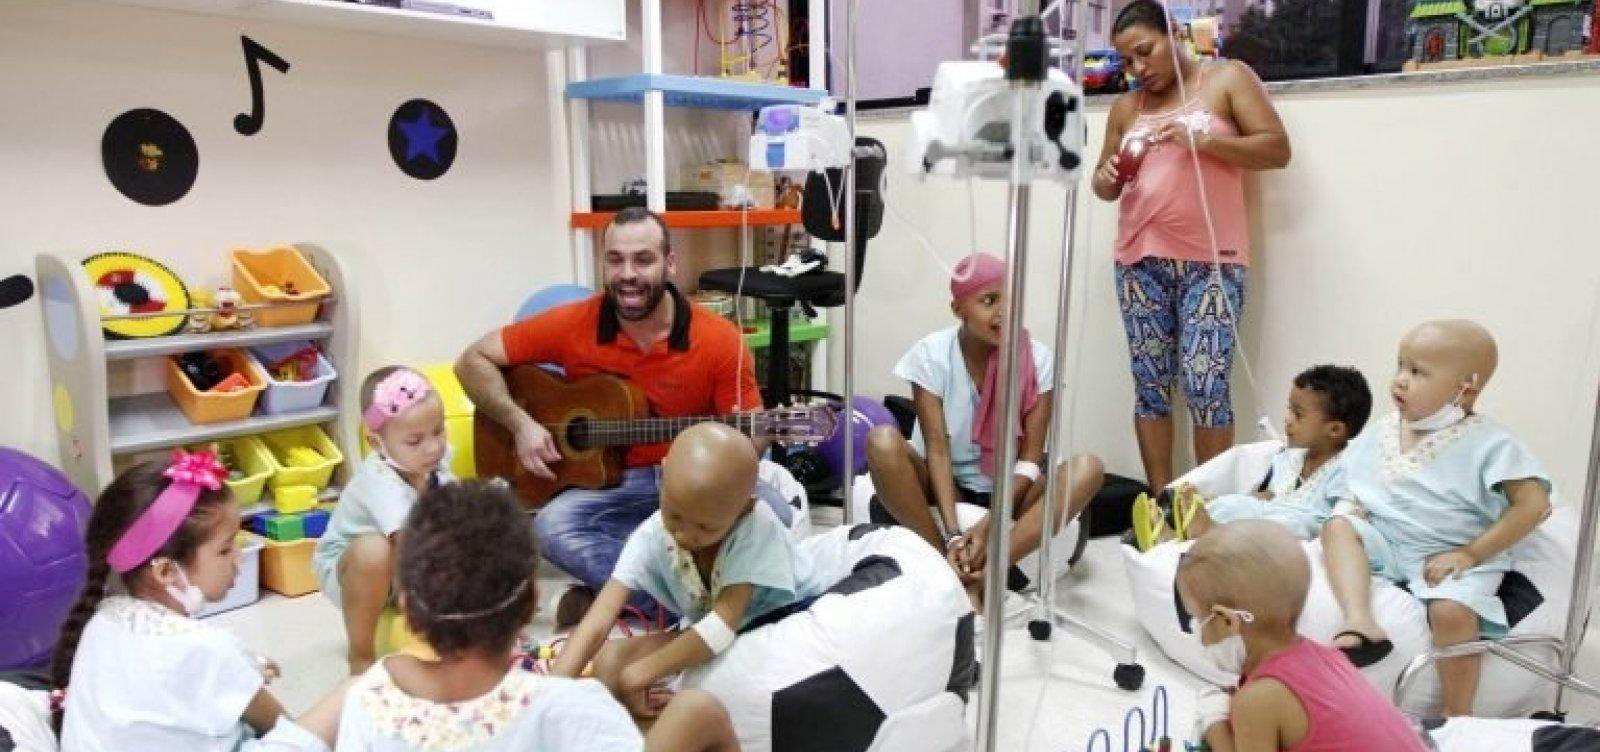 [Ministério da Saúde diz que mortes de crianças por câncer diminuem 13% em 10 anos]